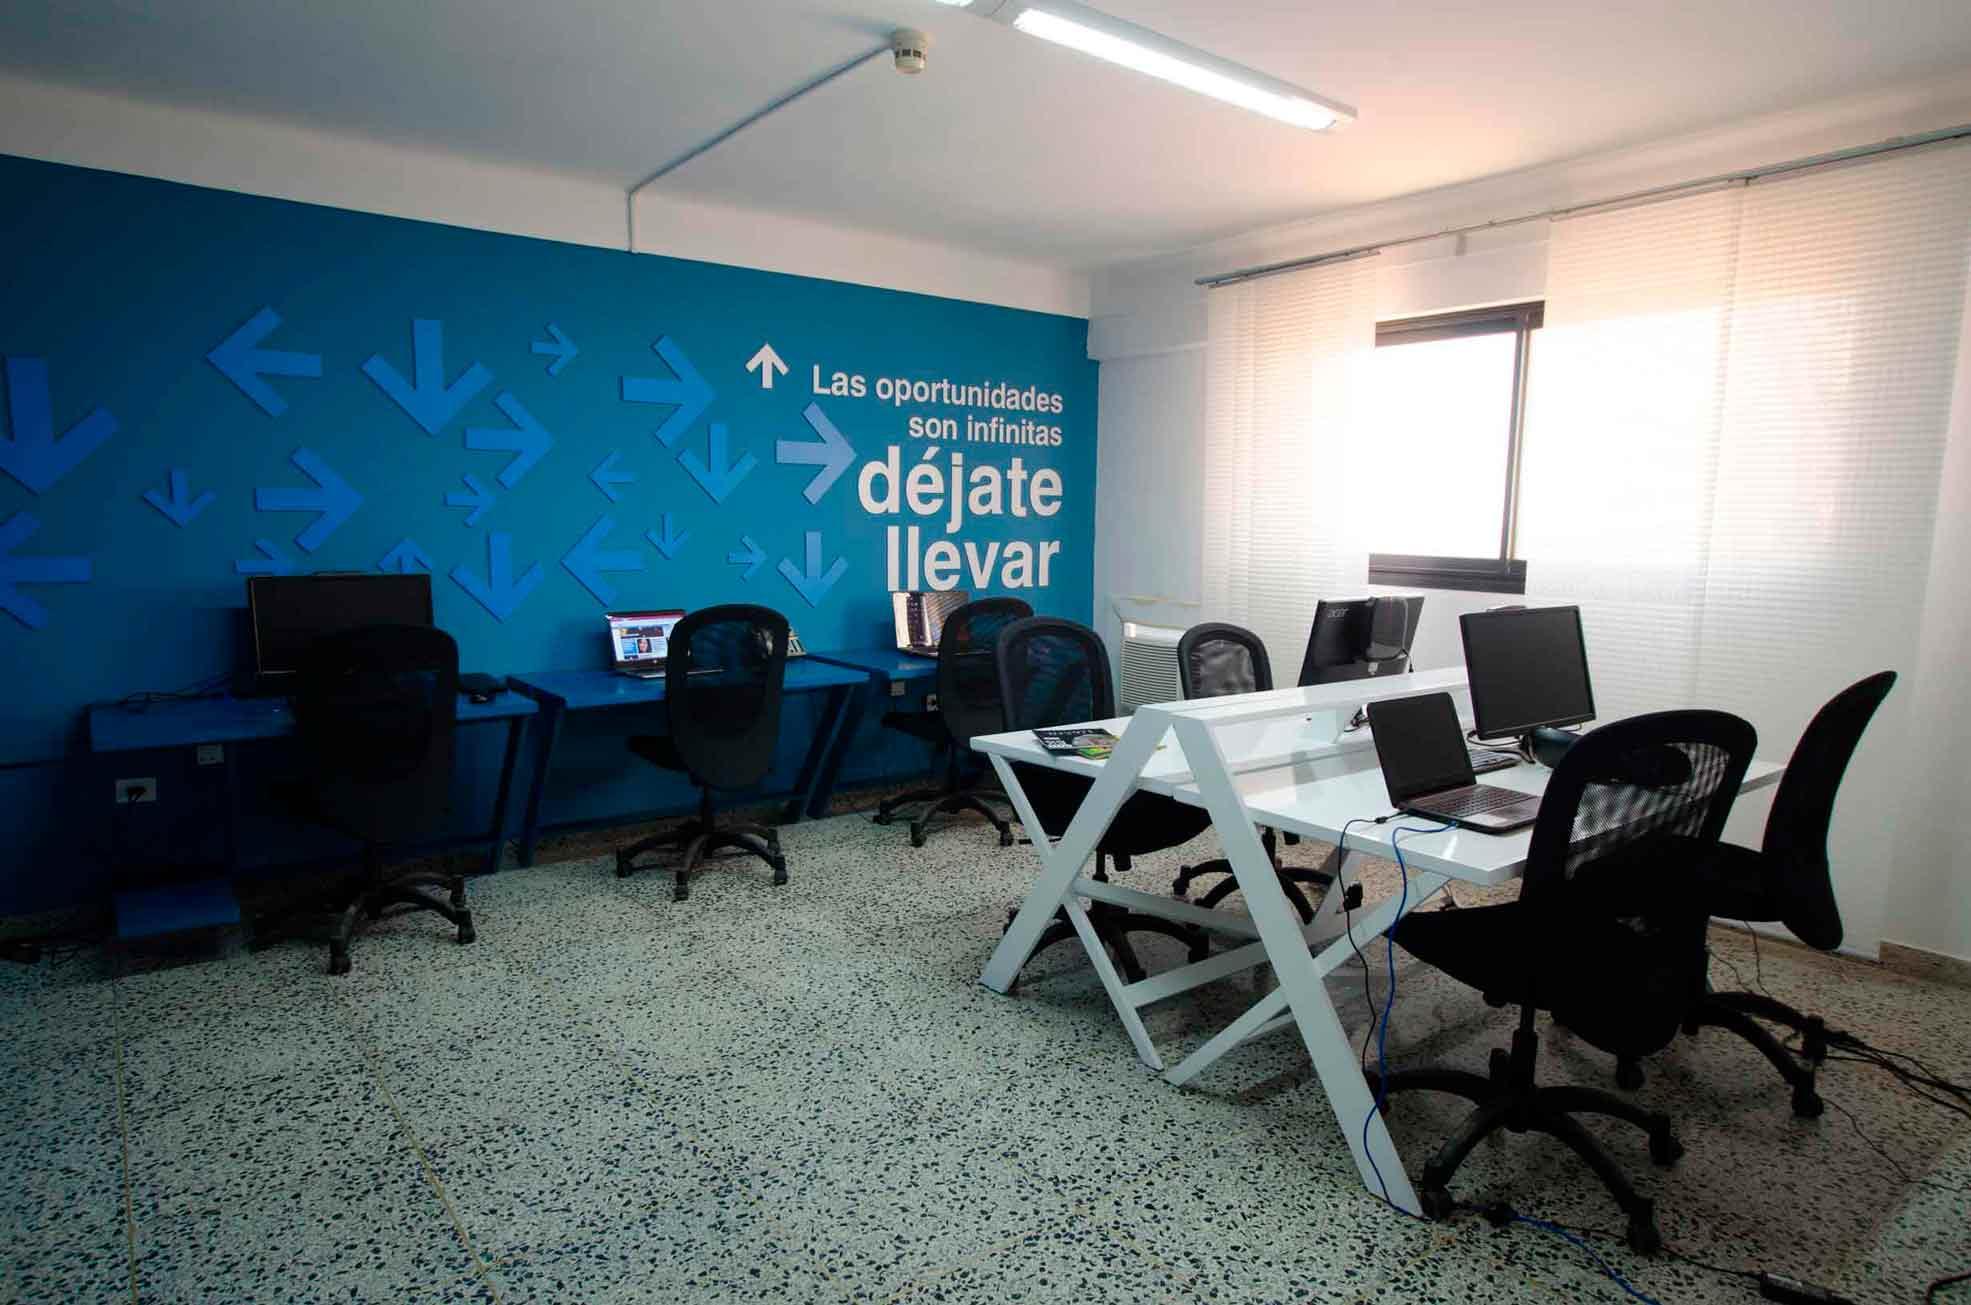 OnCuba Office Visits & Tours